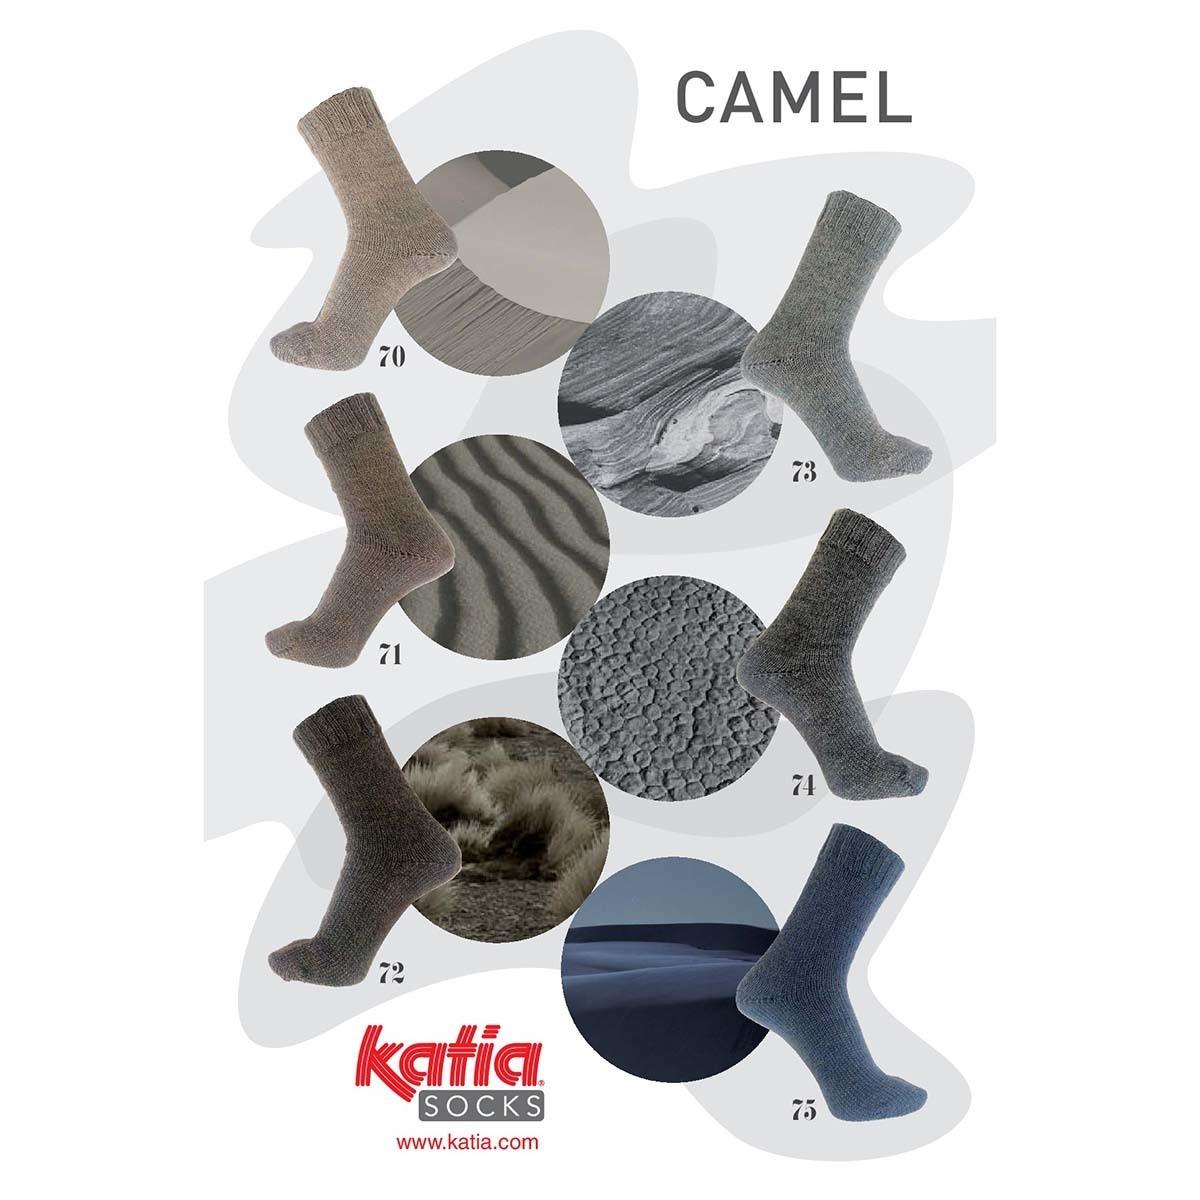 Katia Camel Socks - 74